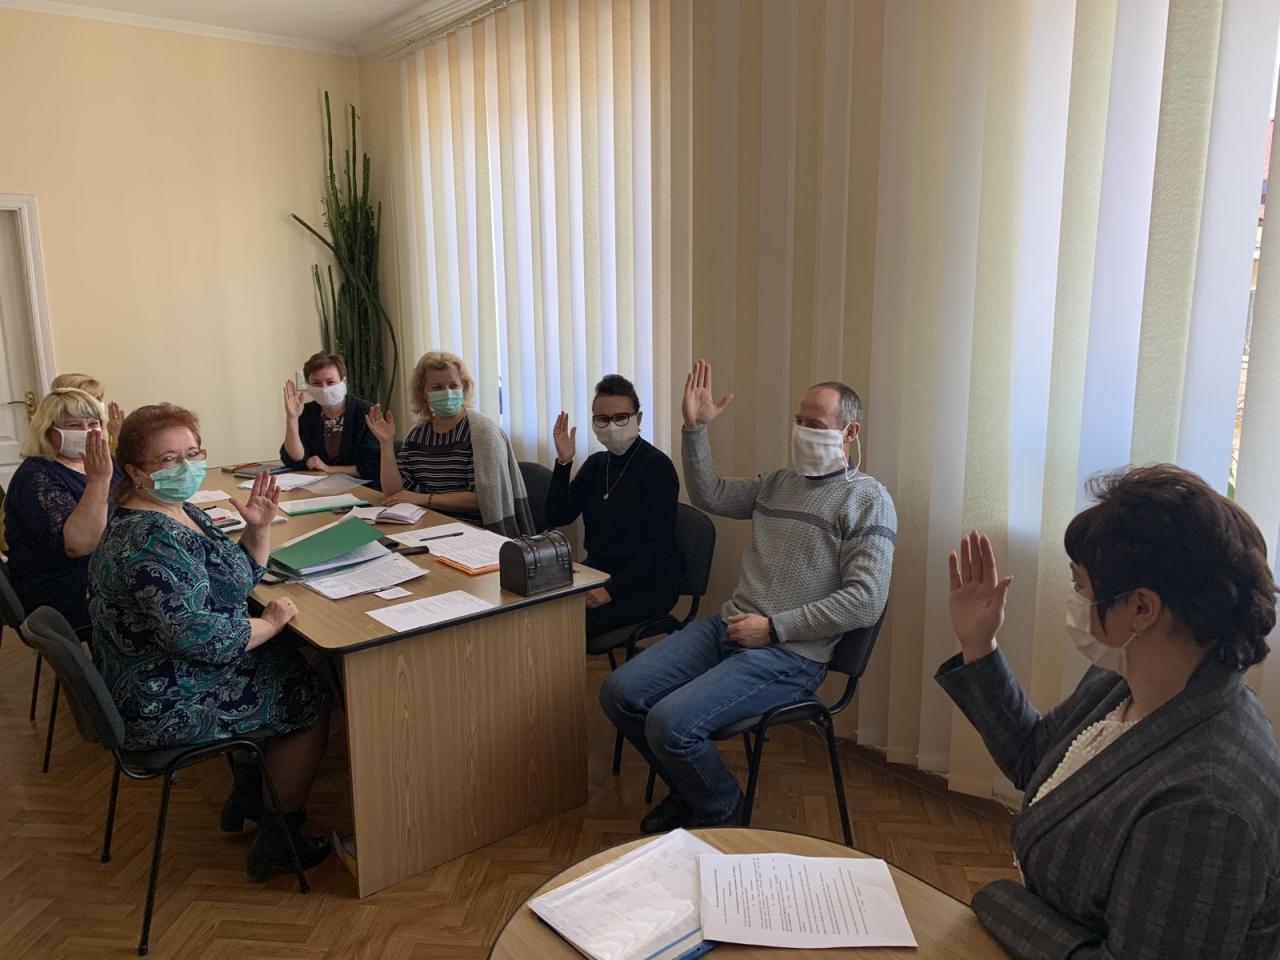 http://dunrada.gov.ua/uploadfile/archive_news/2020/04/06/2020-04-06_1878/images/images-63438.jpg